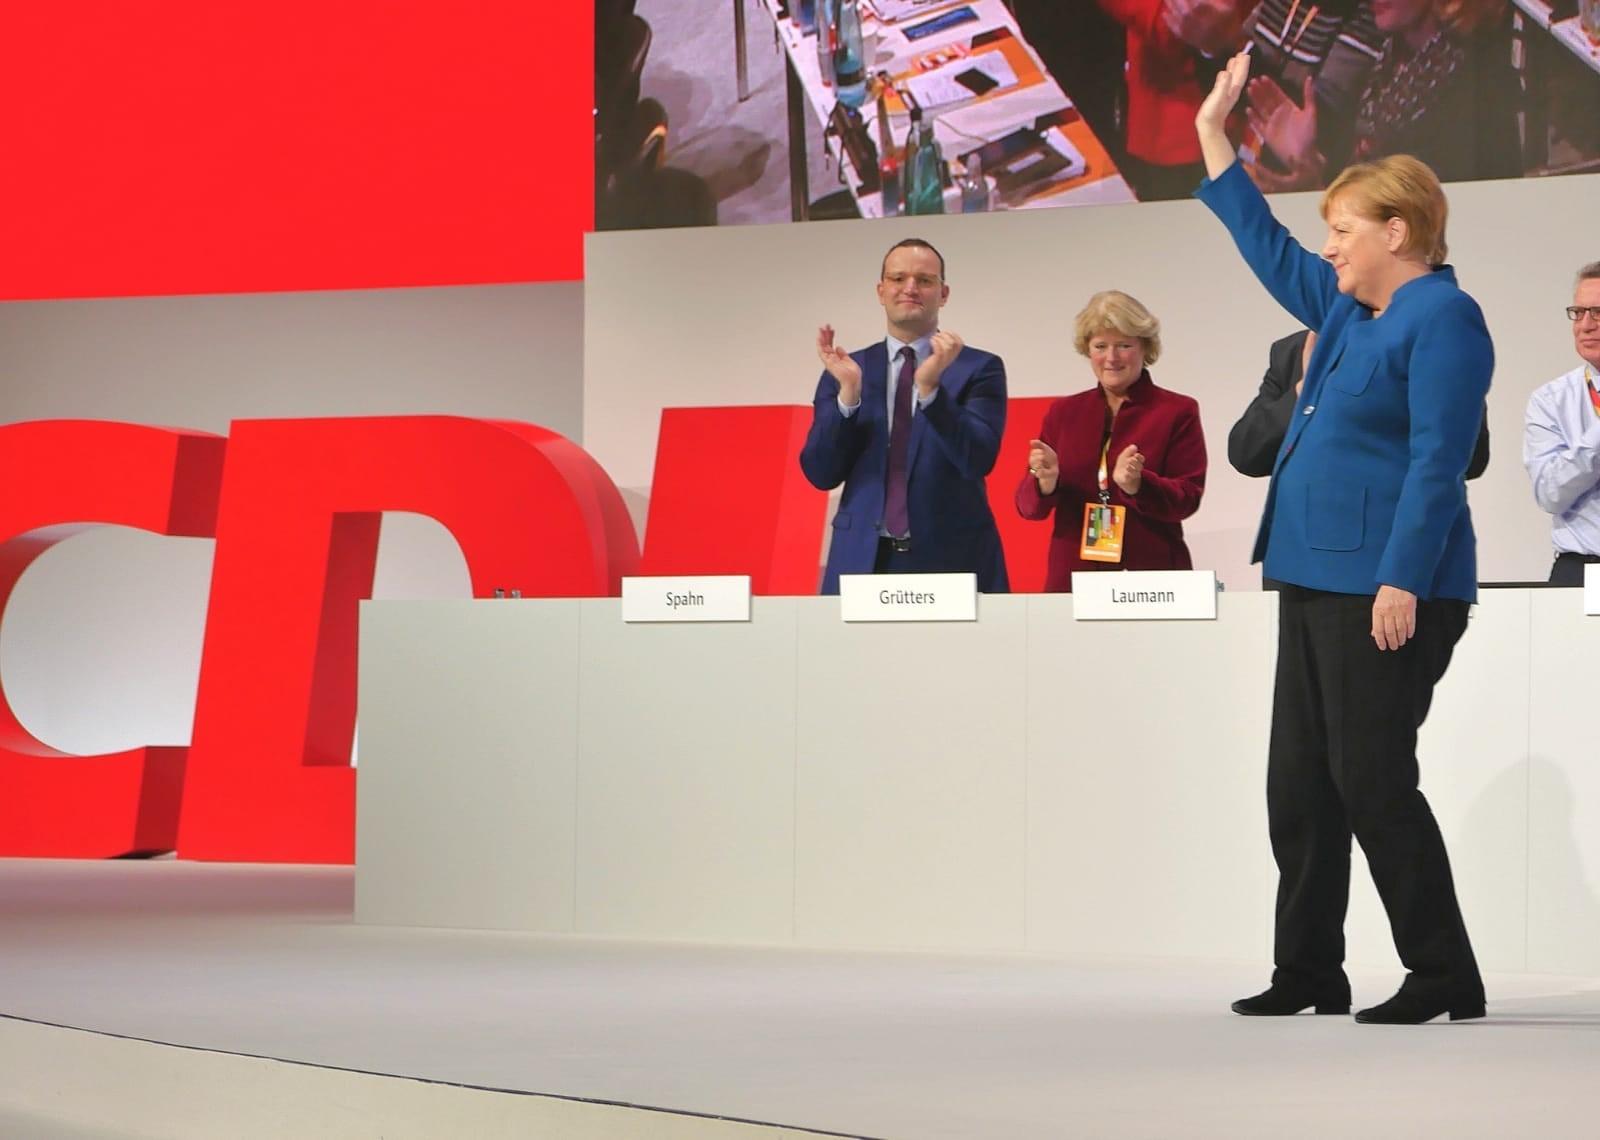 Ein historischer Parteitag neigt sich dem Ende zu. Angela Merkel verlässt nach 18 Jahren die Spitze der Partei. Ich habe im zweiten Wahlgang für eine(n) neue(n) Vorsitzende Friedrich Merz gewählt. Wie Sie wissen, gewann Annegret Kramp-Karrenbauer knapp. Mit ihr gilt es jetzt den Erneuerungsprozess mutig anzugehen.